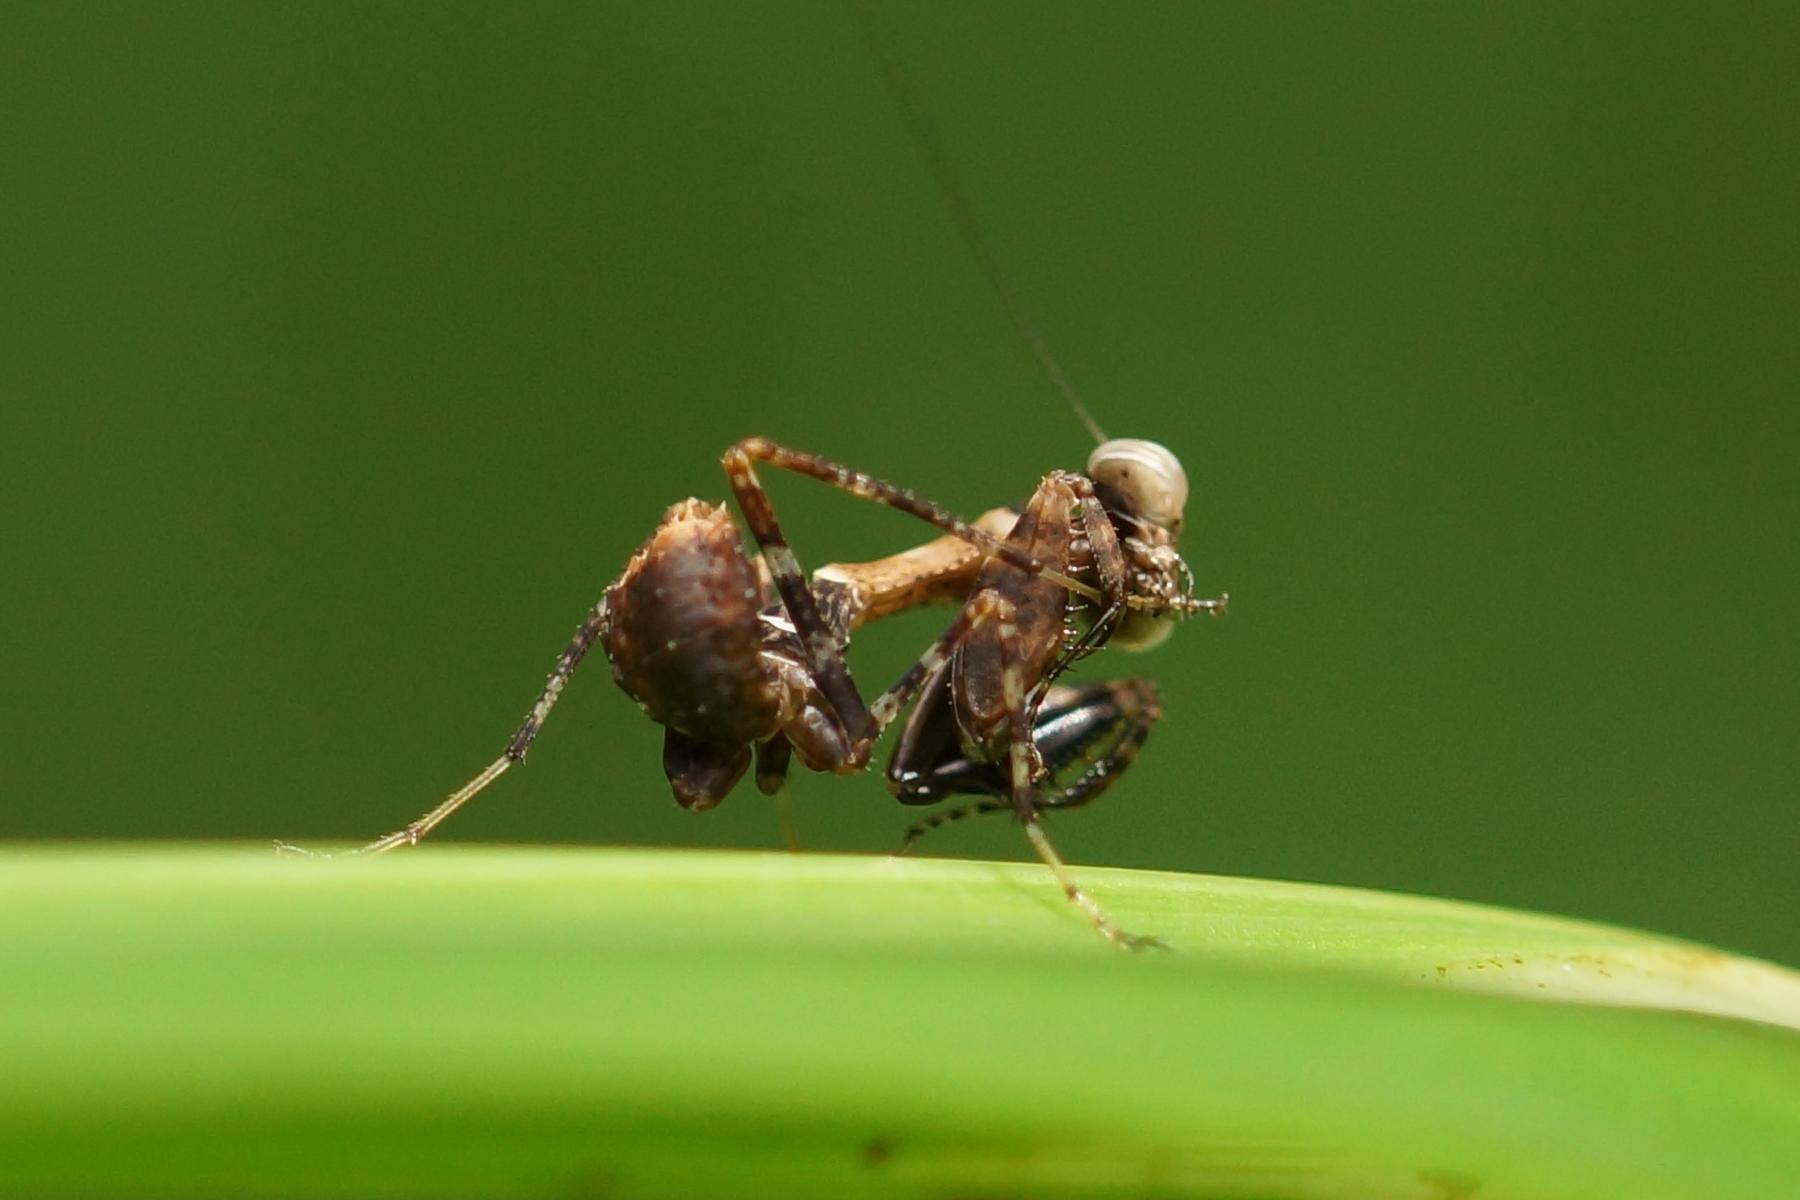 <i>Acromantis gestri</i> (Thailand Boxer Praying Mantis)